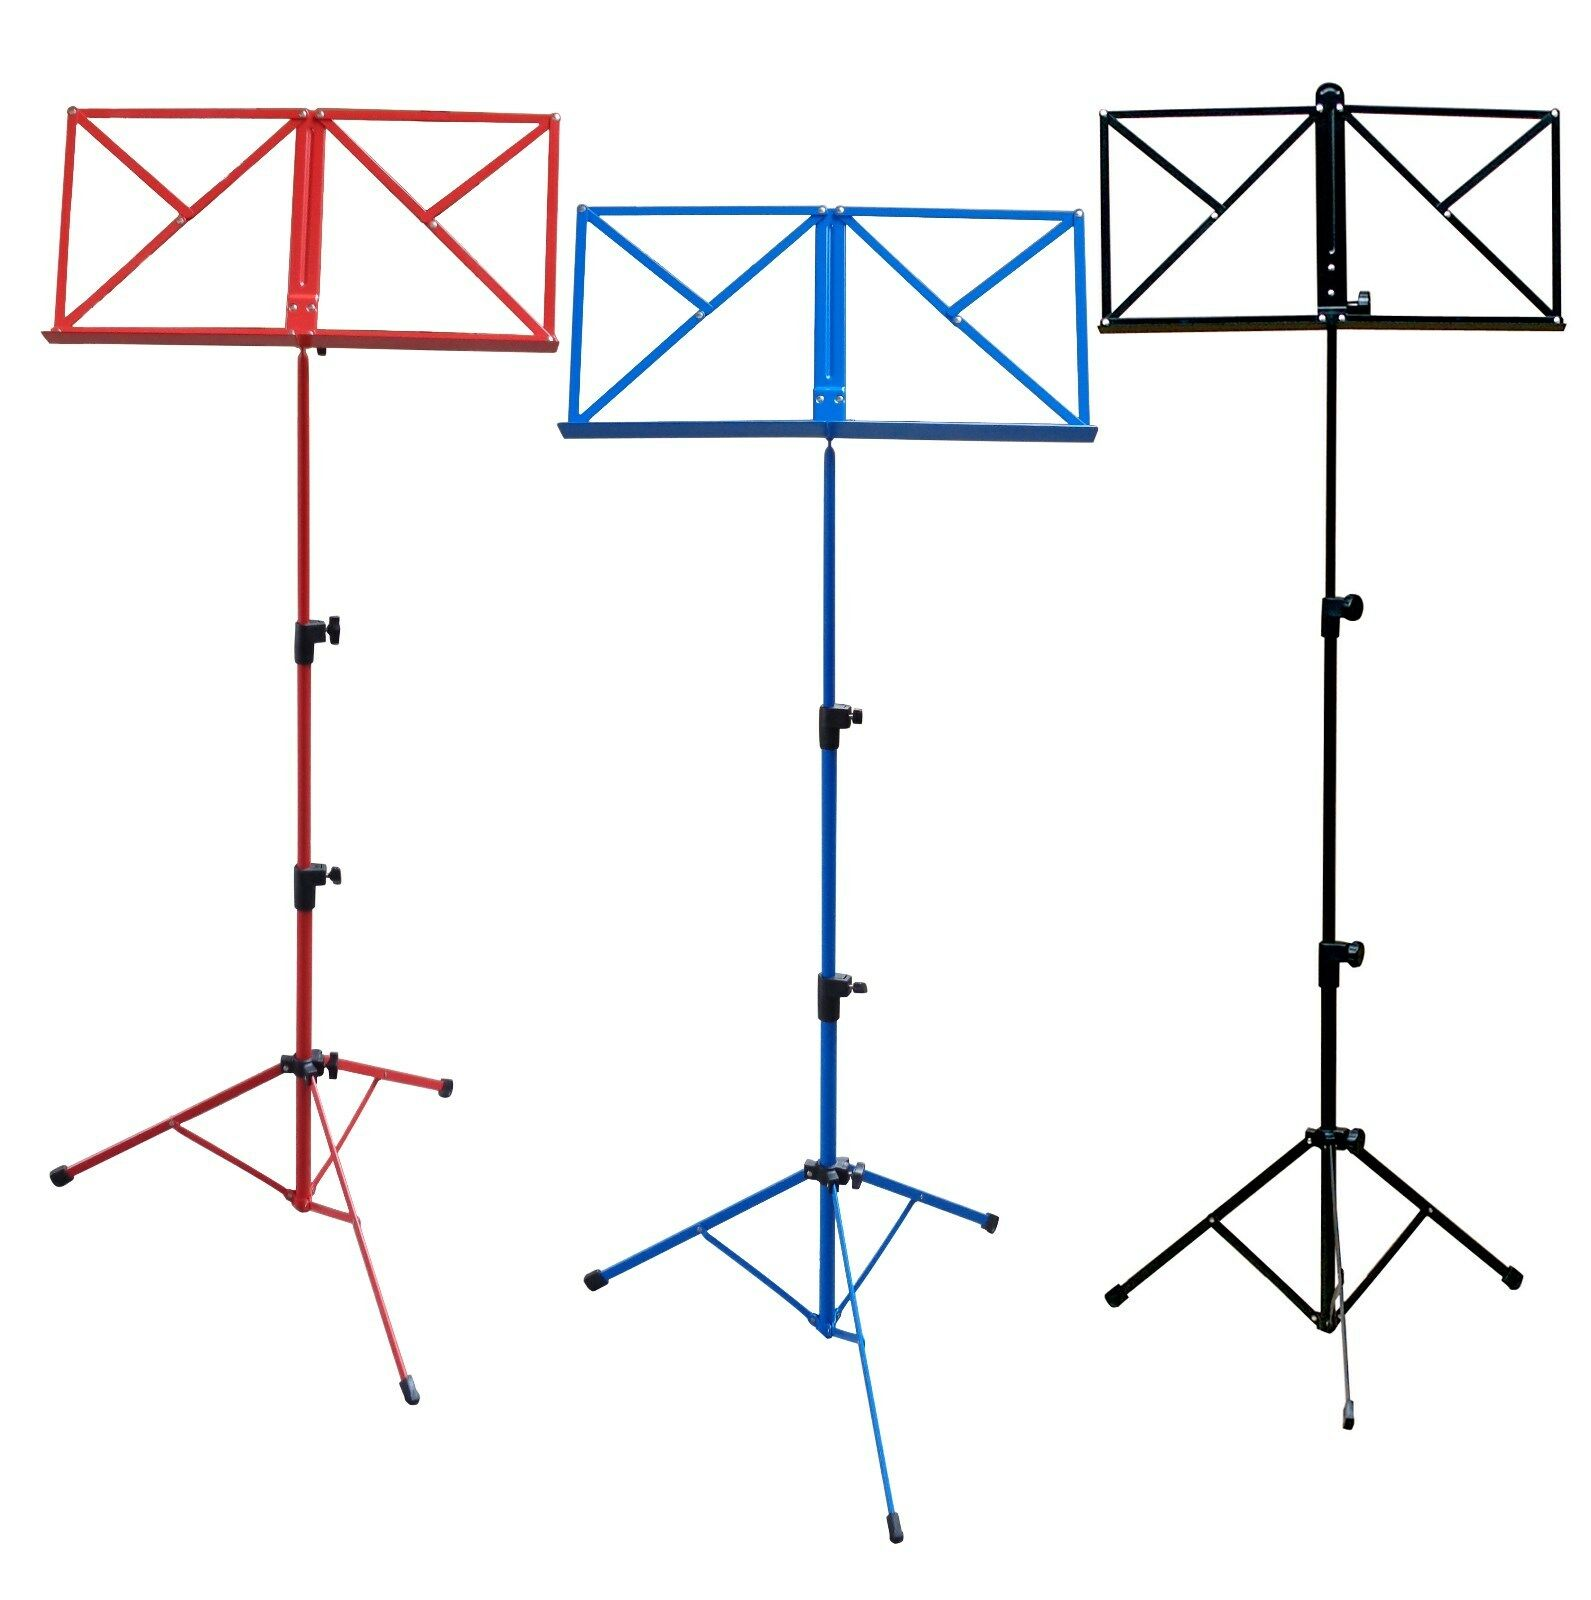 NOTENSTÄNDER - NOTENAUFLAGE + TASCHE  (blau, rot, schwarz) Höhe von 50-124cm